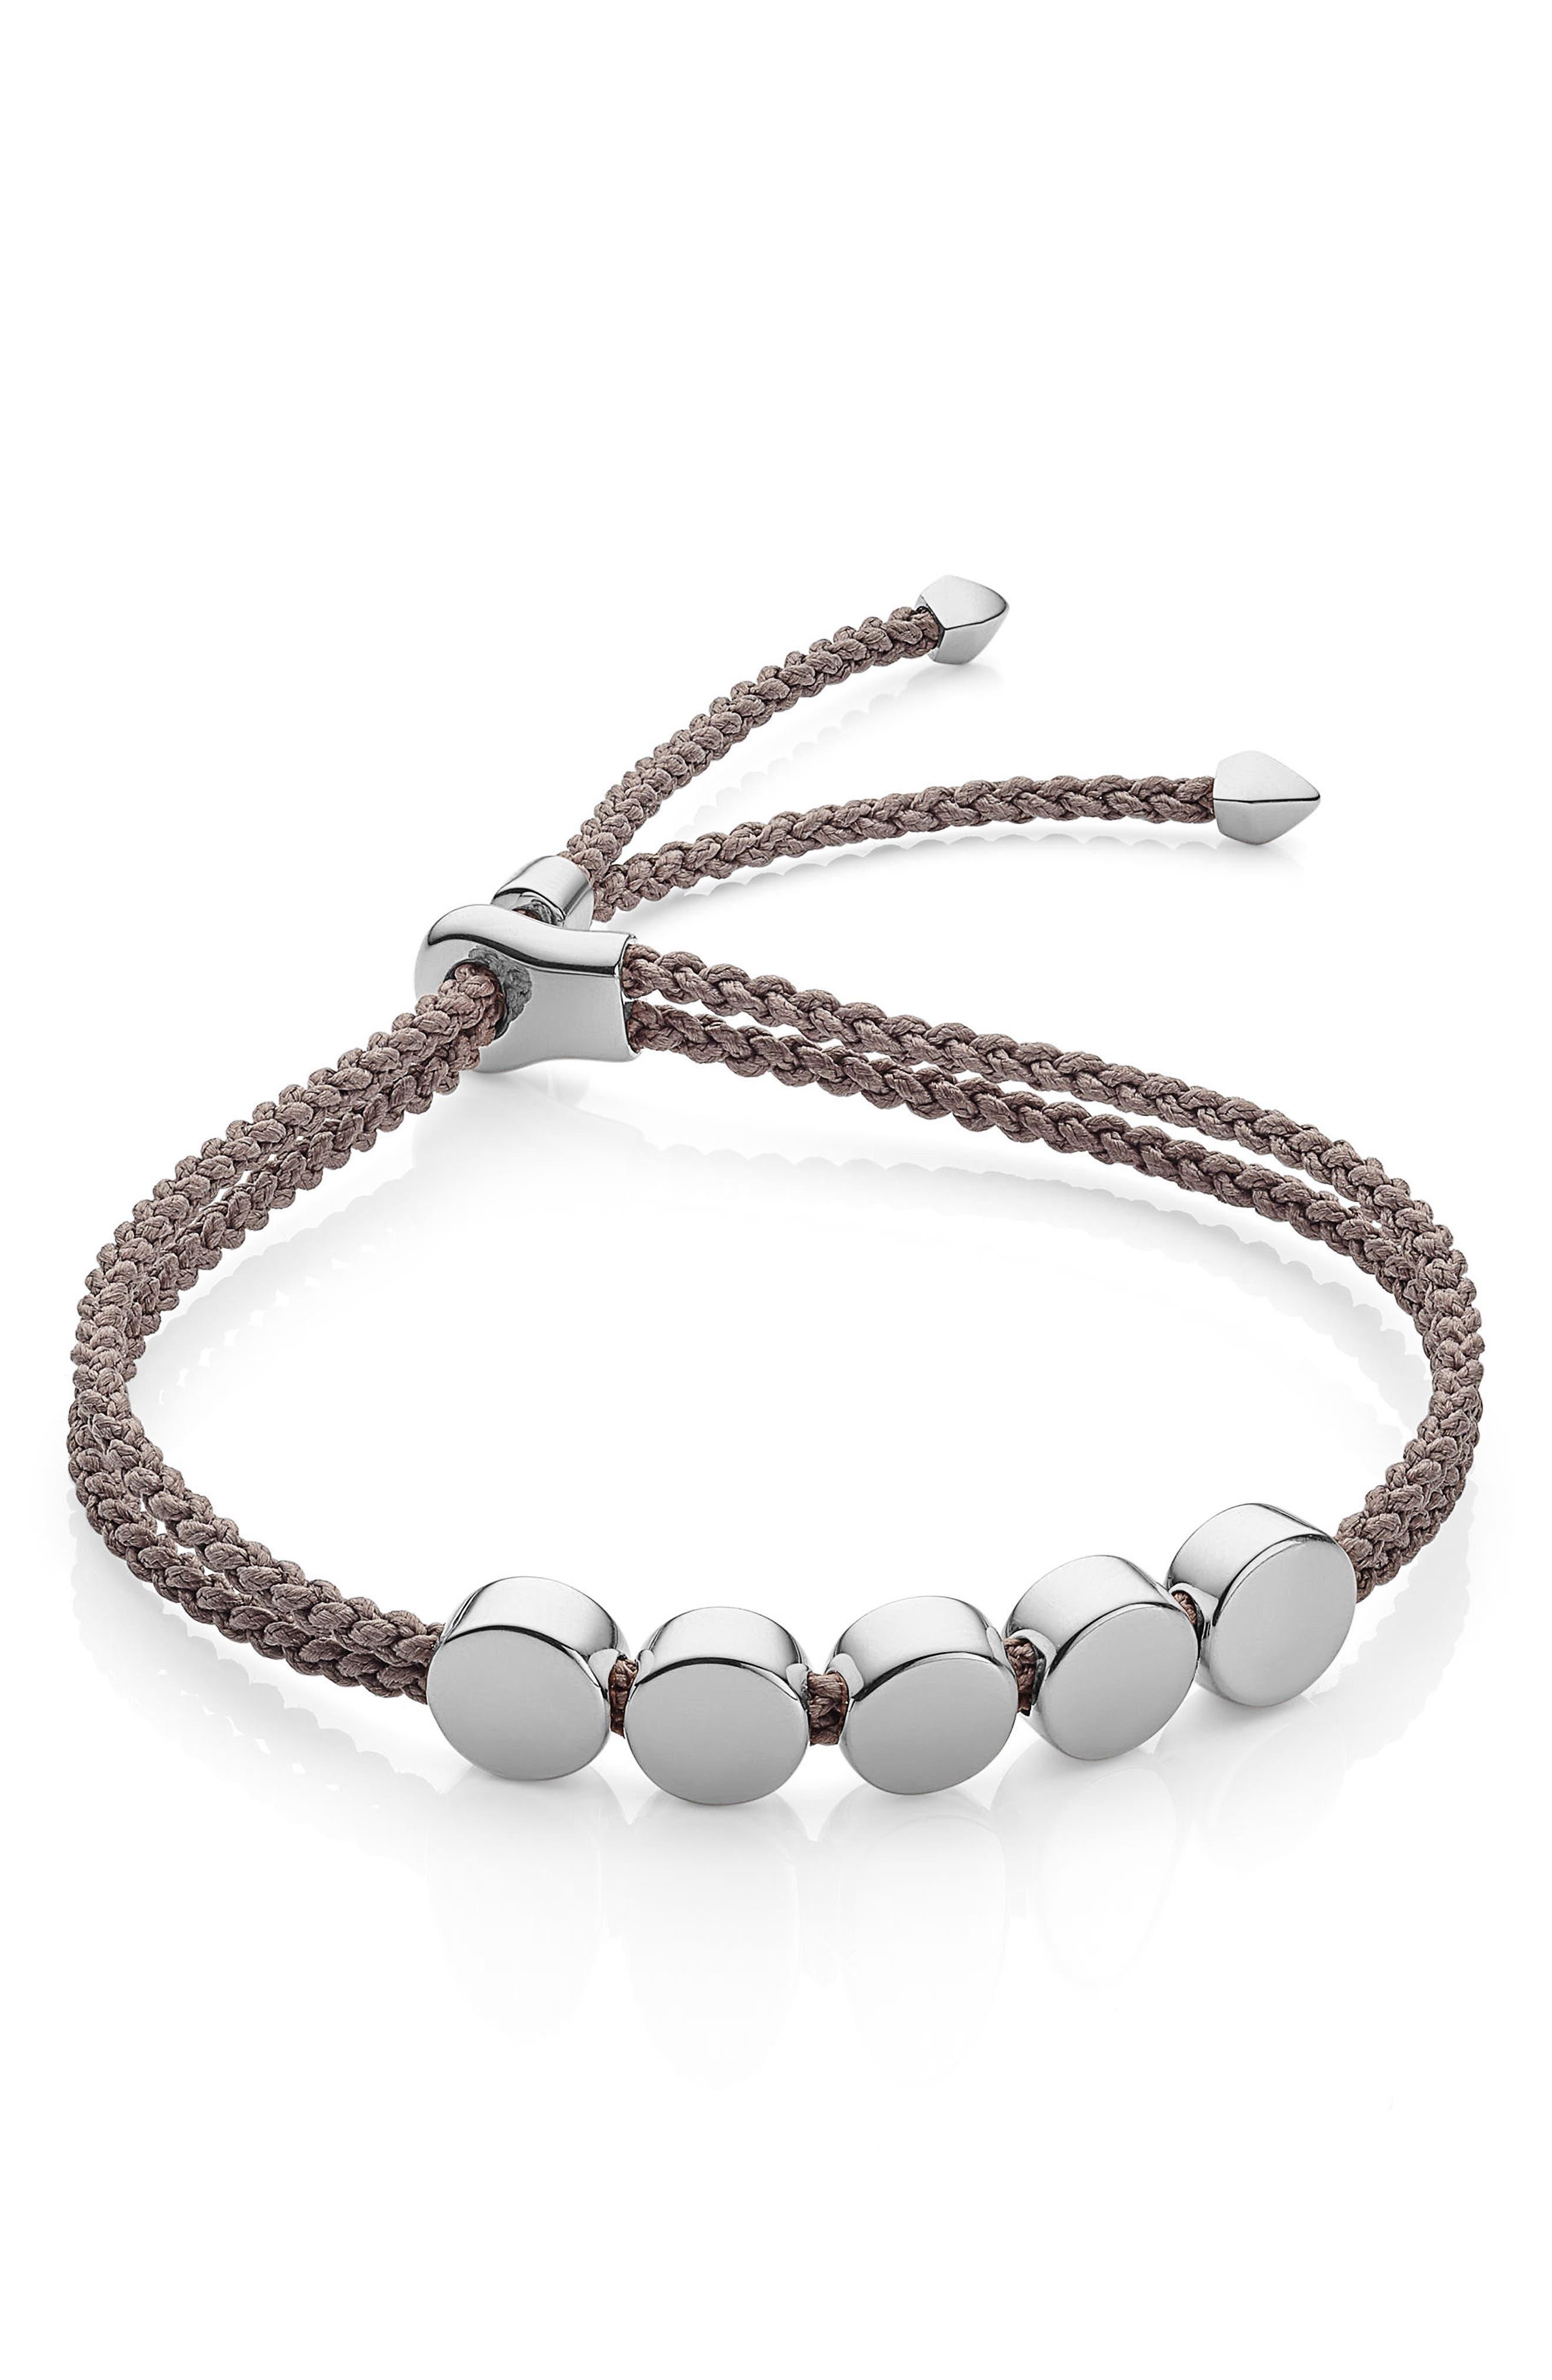 Engravable Beaded Friendship Bracelet,                         Main,                         color, MINK/ SILVER